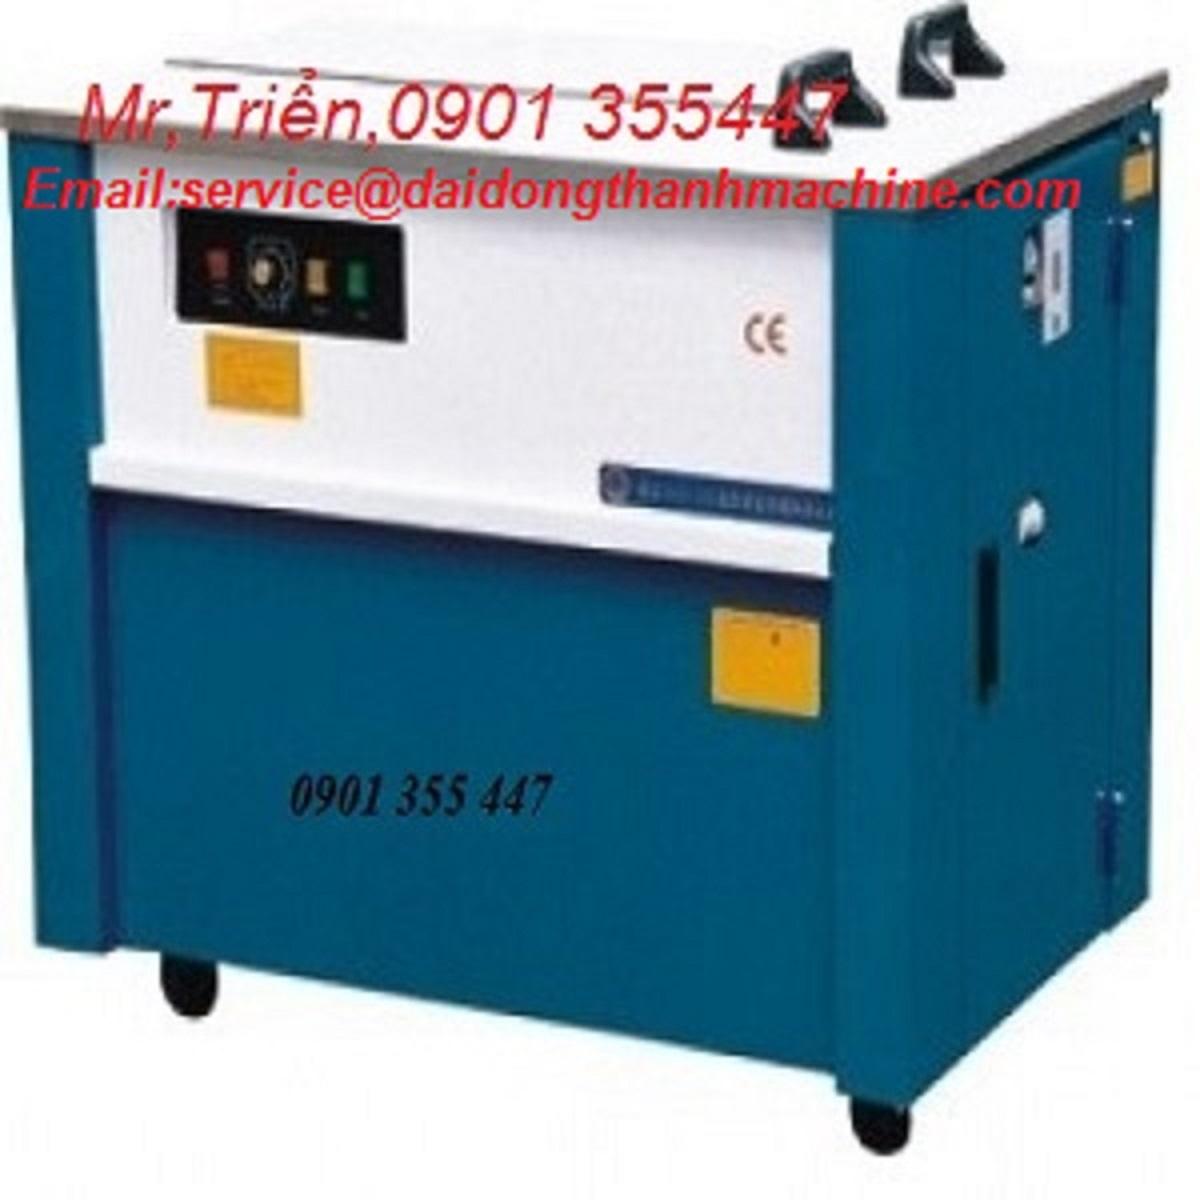 Máy buộc đai nhựa pallet bán tự động hàn nhiệt SP3 chính hãng Wellpack